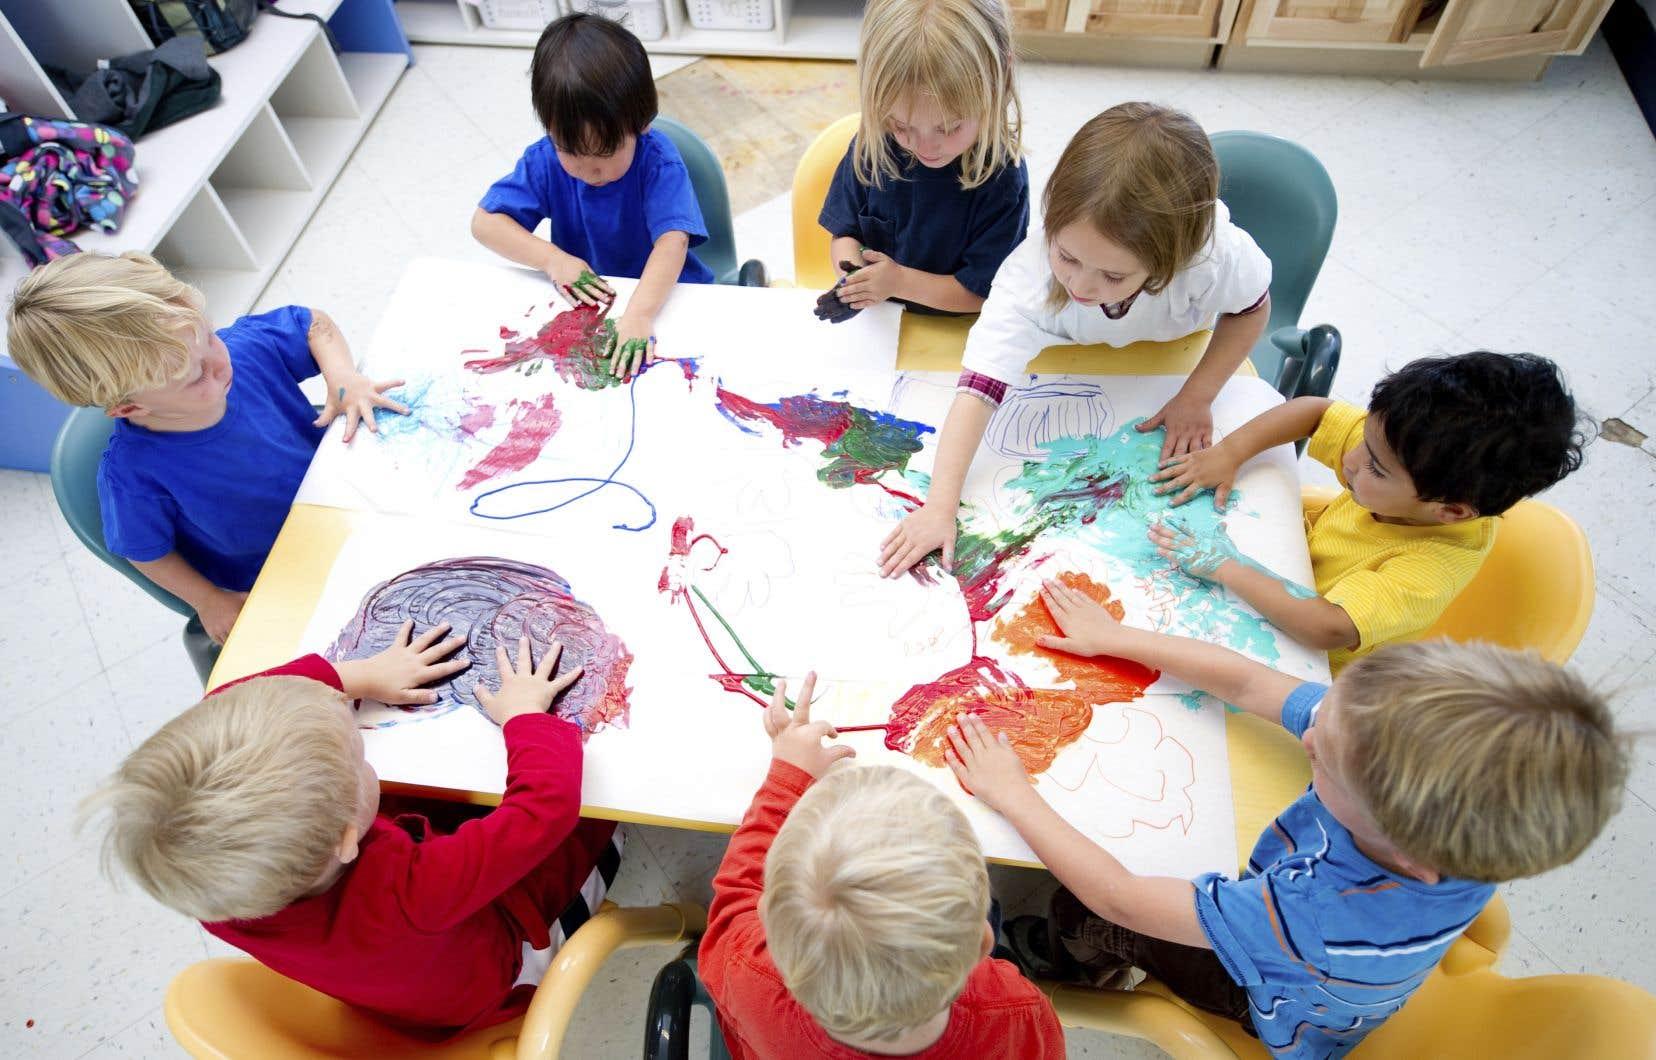 Un CPE qui a un permis pour 80 places va inscrire 83 enfants, misant sur le fait qu'il va toujours y avoir quelques absents.